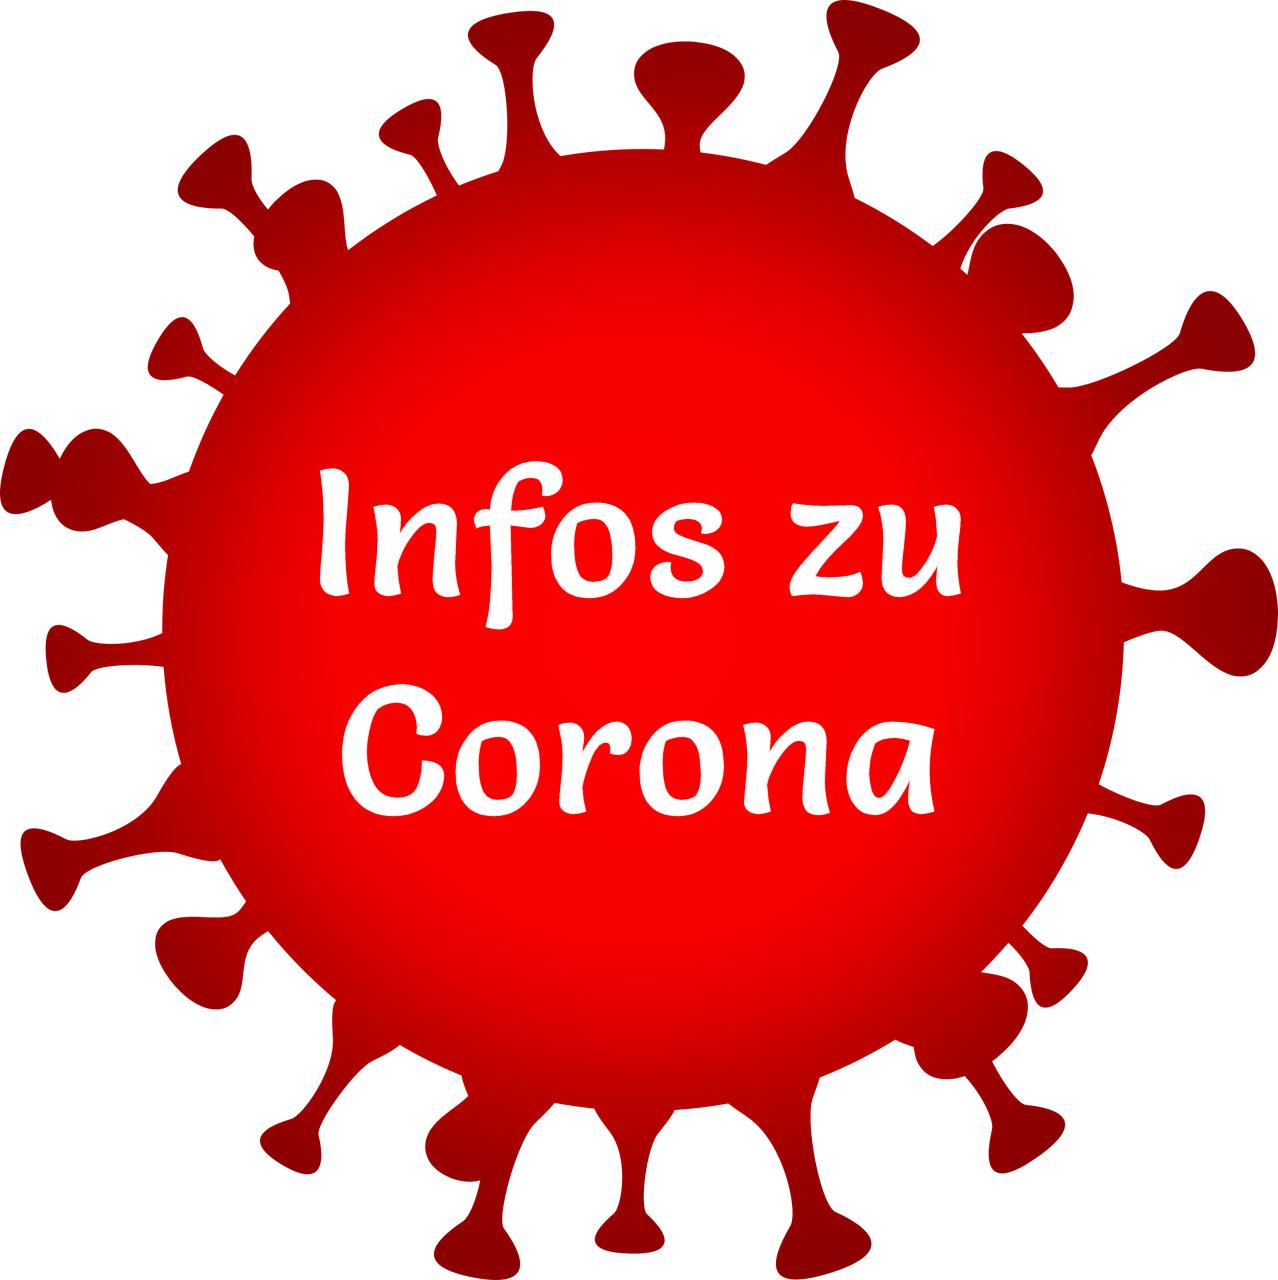 Coronainfos